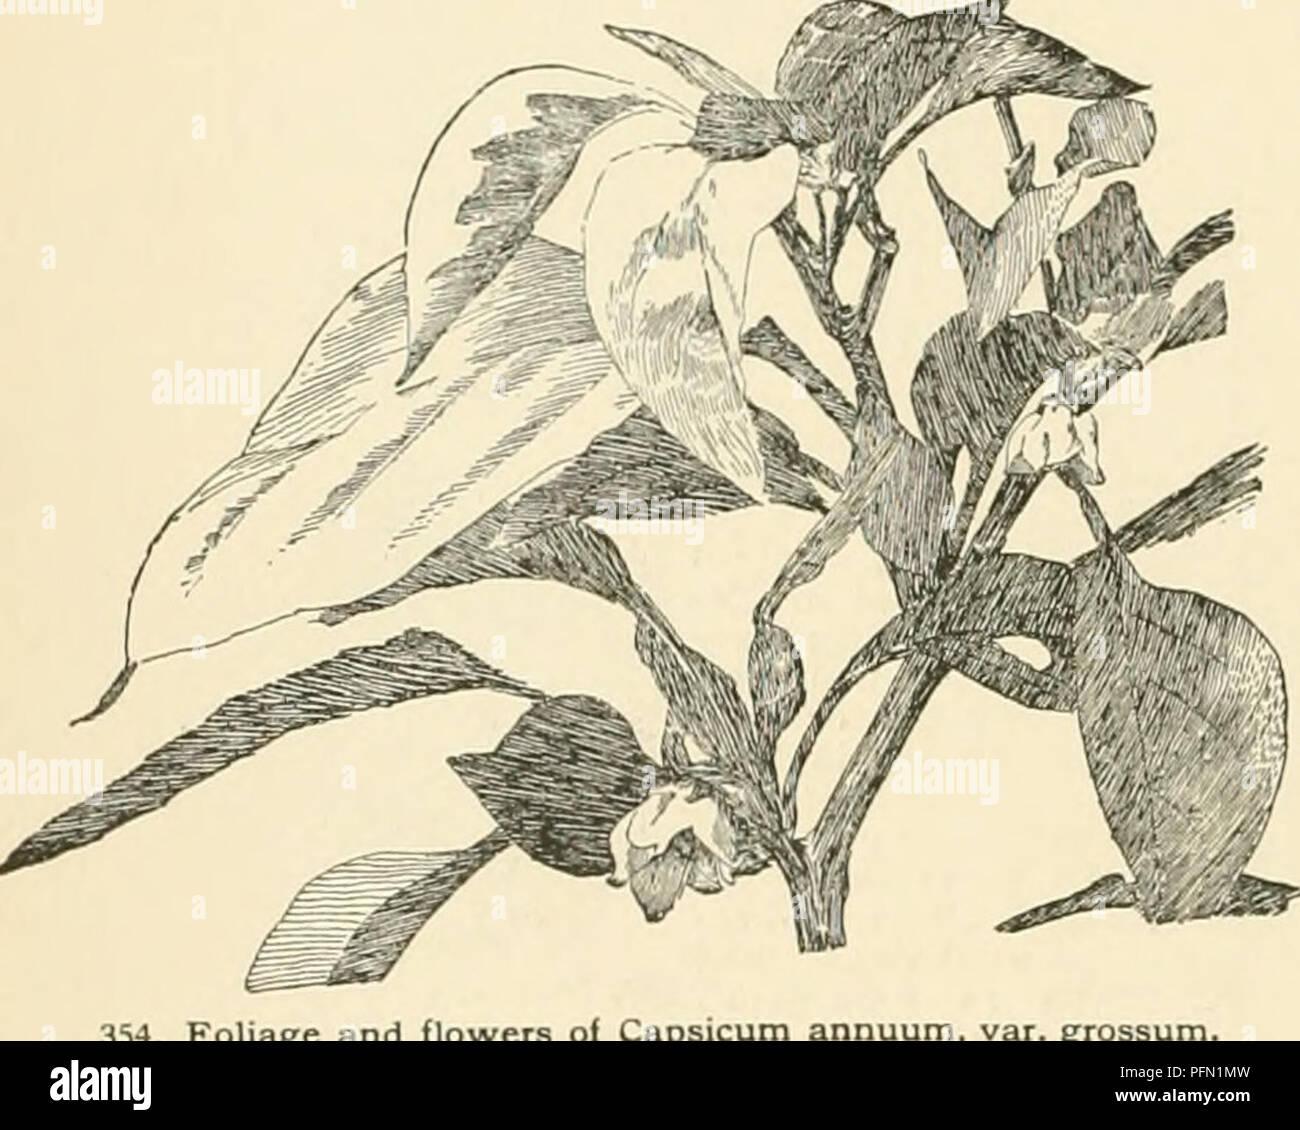 """. Cyclopedia of American horticultura, compuesto de sugerencias para el cultivo de plantas hortícolas, las descripciones de las especies de frutas, hortalizas, flores y plantas ornamentales vendidos en los Estados Unidos y Canadá, junto con los Esbozos Biográficos y geográficos. Jardinería. 354. Y flores Foliaee oi Capsicum annuum Ruby Kmg Golden King brasileño dorada vertical vertical Var abbreviaturn bquash 1-1 n ili i' '' )/"""""""""""" Velo G luteiim 1 1111 I s,,,tiri,, estaré ovales 2-4 en long III lull li I 1! I I I I 1 th longei aslongasor m tilt 1hii li 1 ii m i inodoro varían mientras este turbinate Foto de stock"""